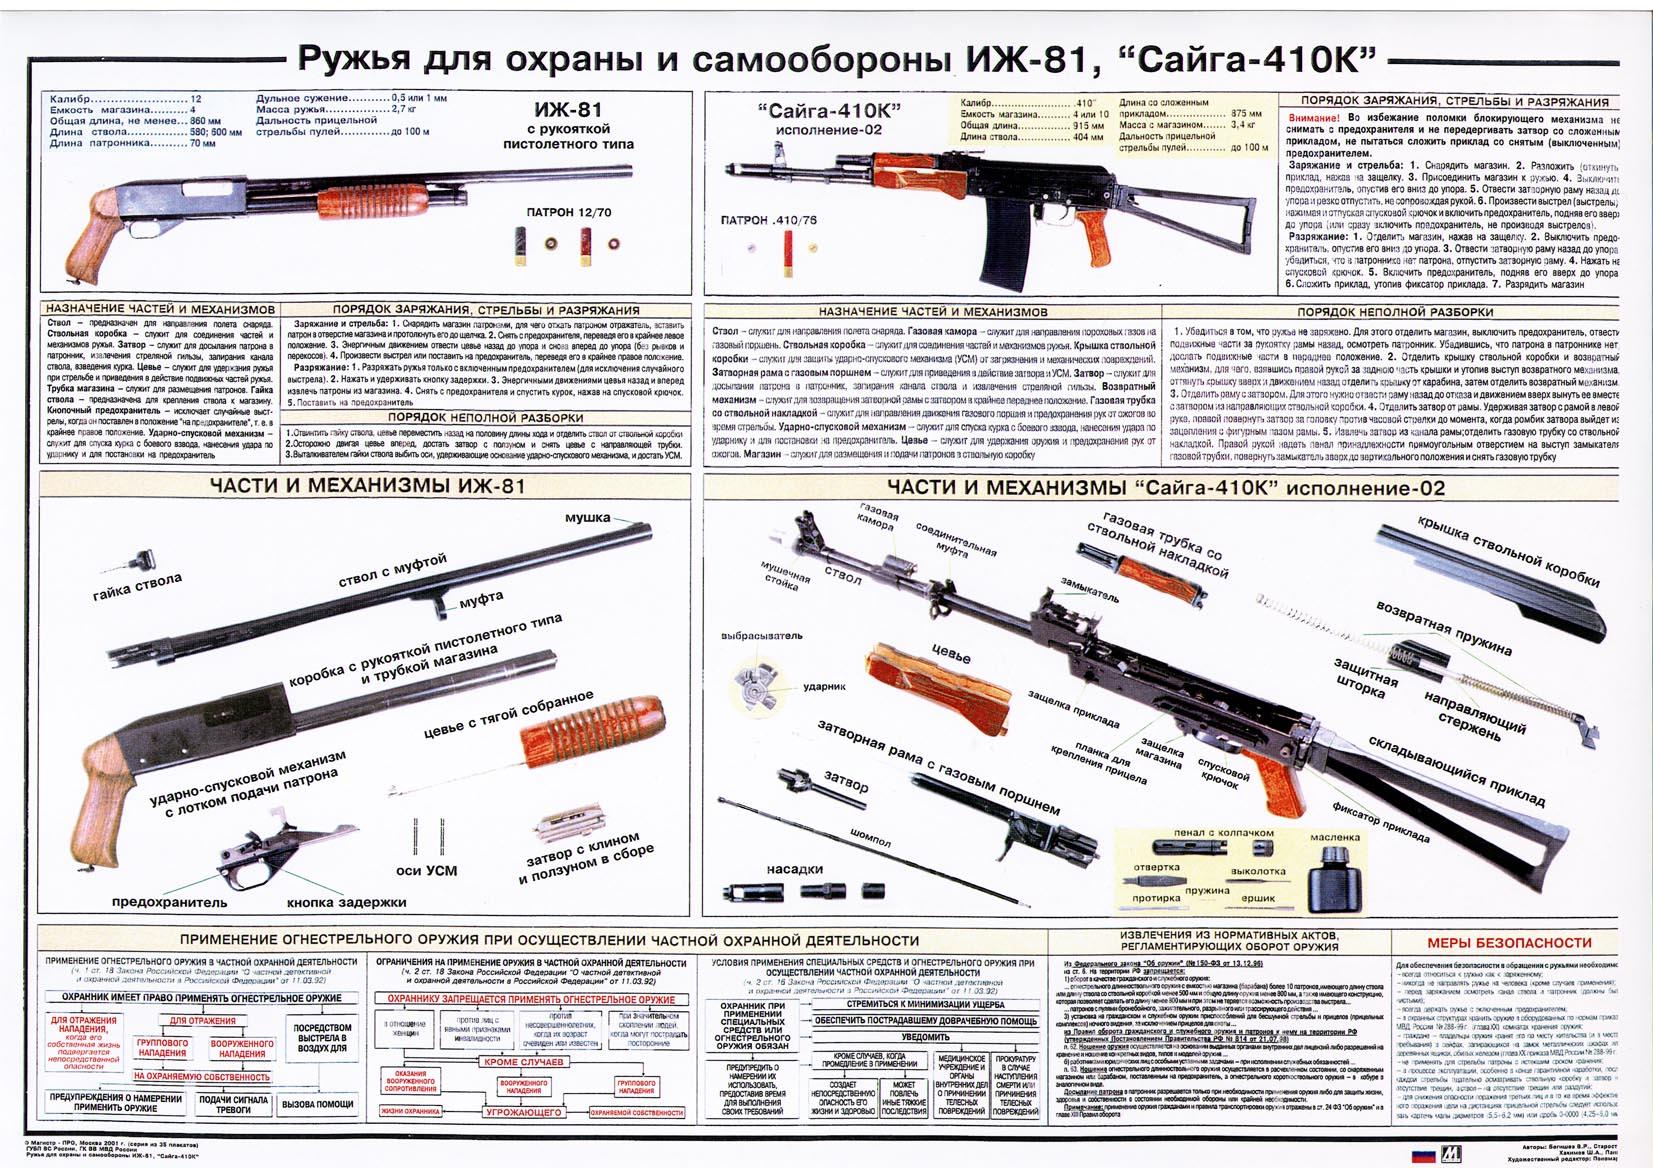 Гладкоствольные Охотничьи ружья Сайга и ружья для саммобороны  иж 81